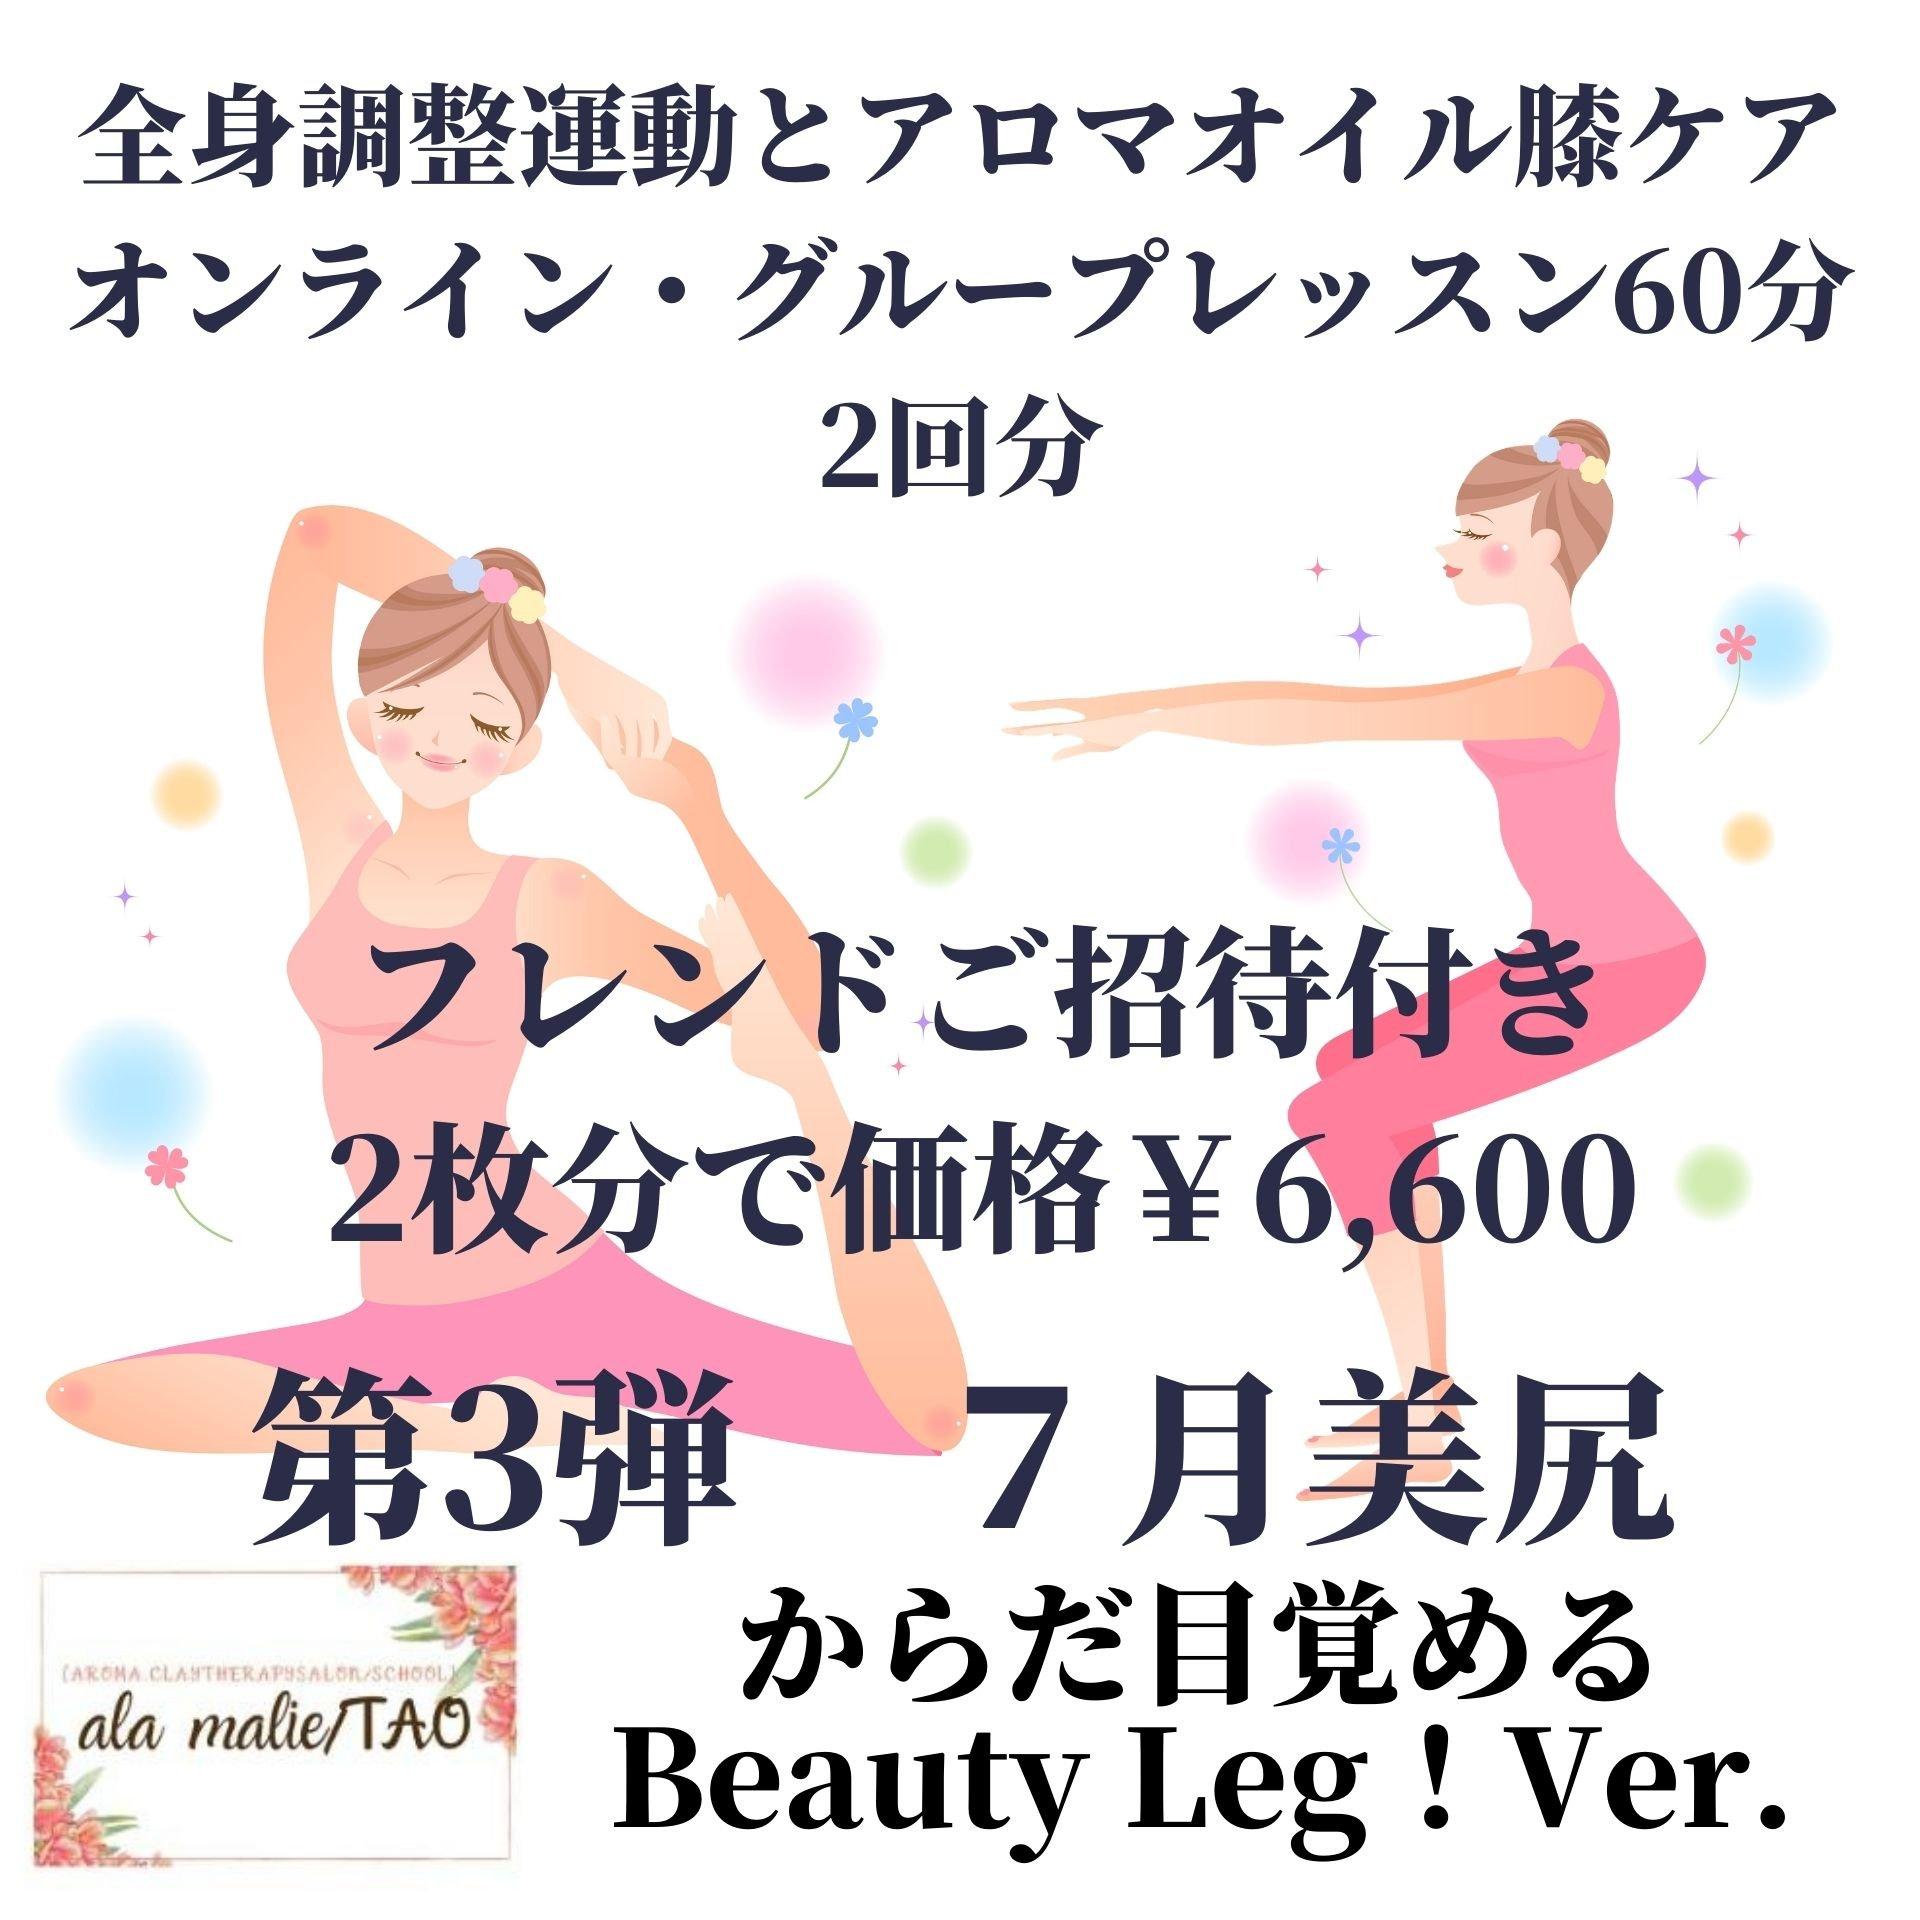 お友達とご一緒に!2枚チケット購入 7月筋肉筋肉喜ぶBeauty Leg!Ver.[姿勢は美しく・膝痛・冷え・むくみもオンラインで改善♪]からだ目覚める! 健美姿勢・健美脚作り60分グループレッスン/運動+楢林式アロマ膝ケアのイメージその1